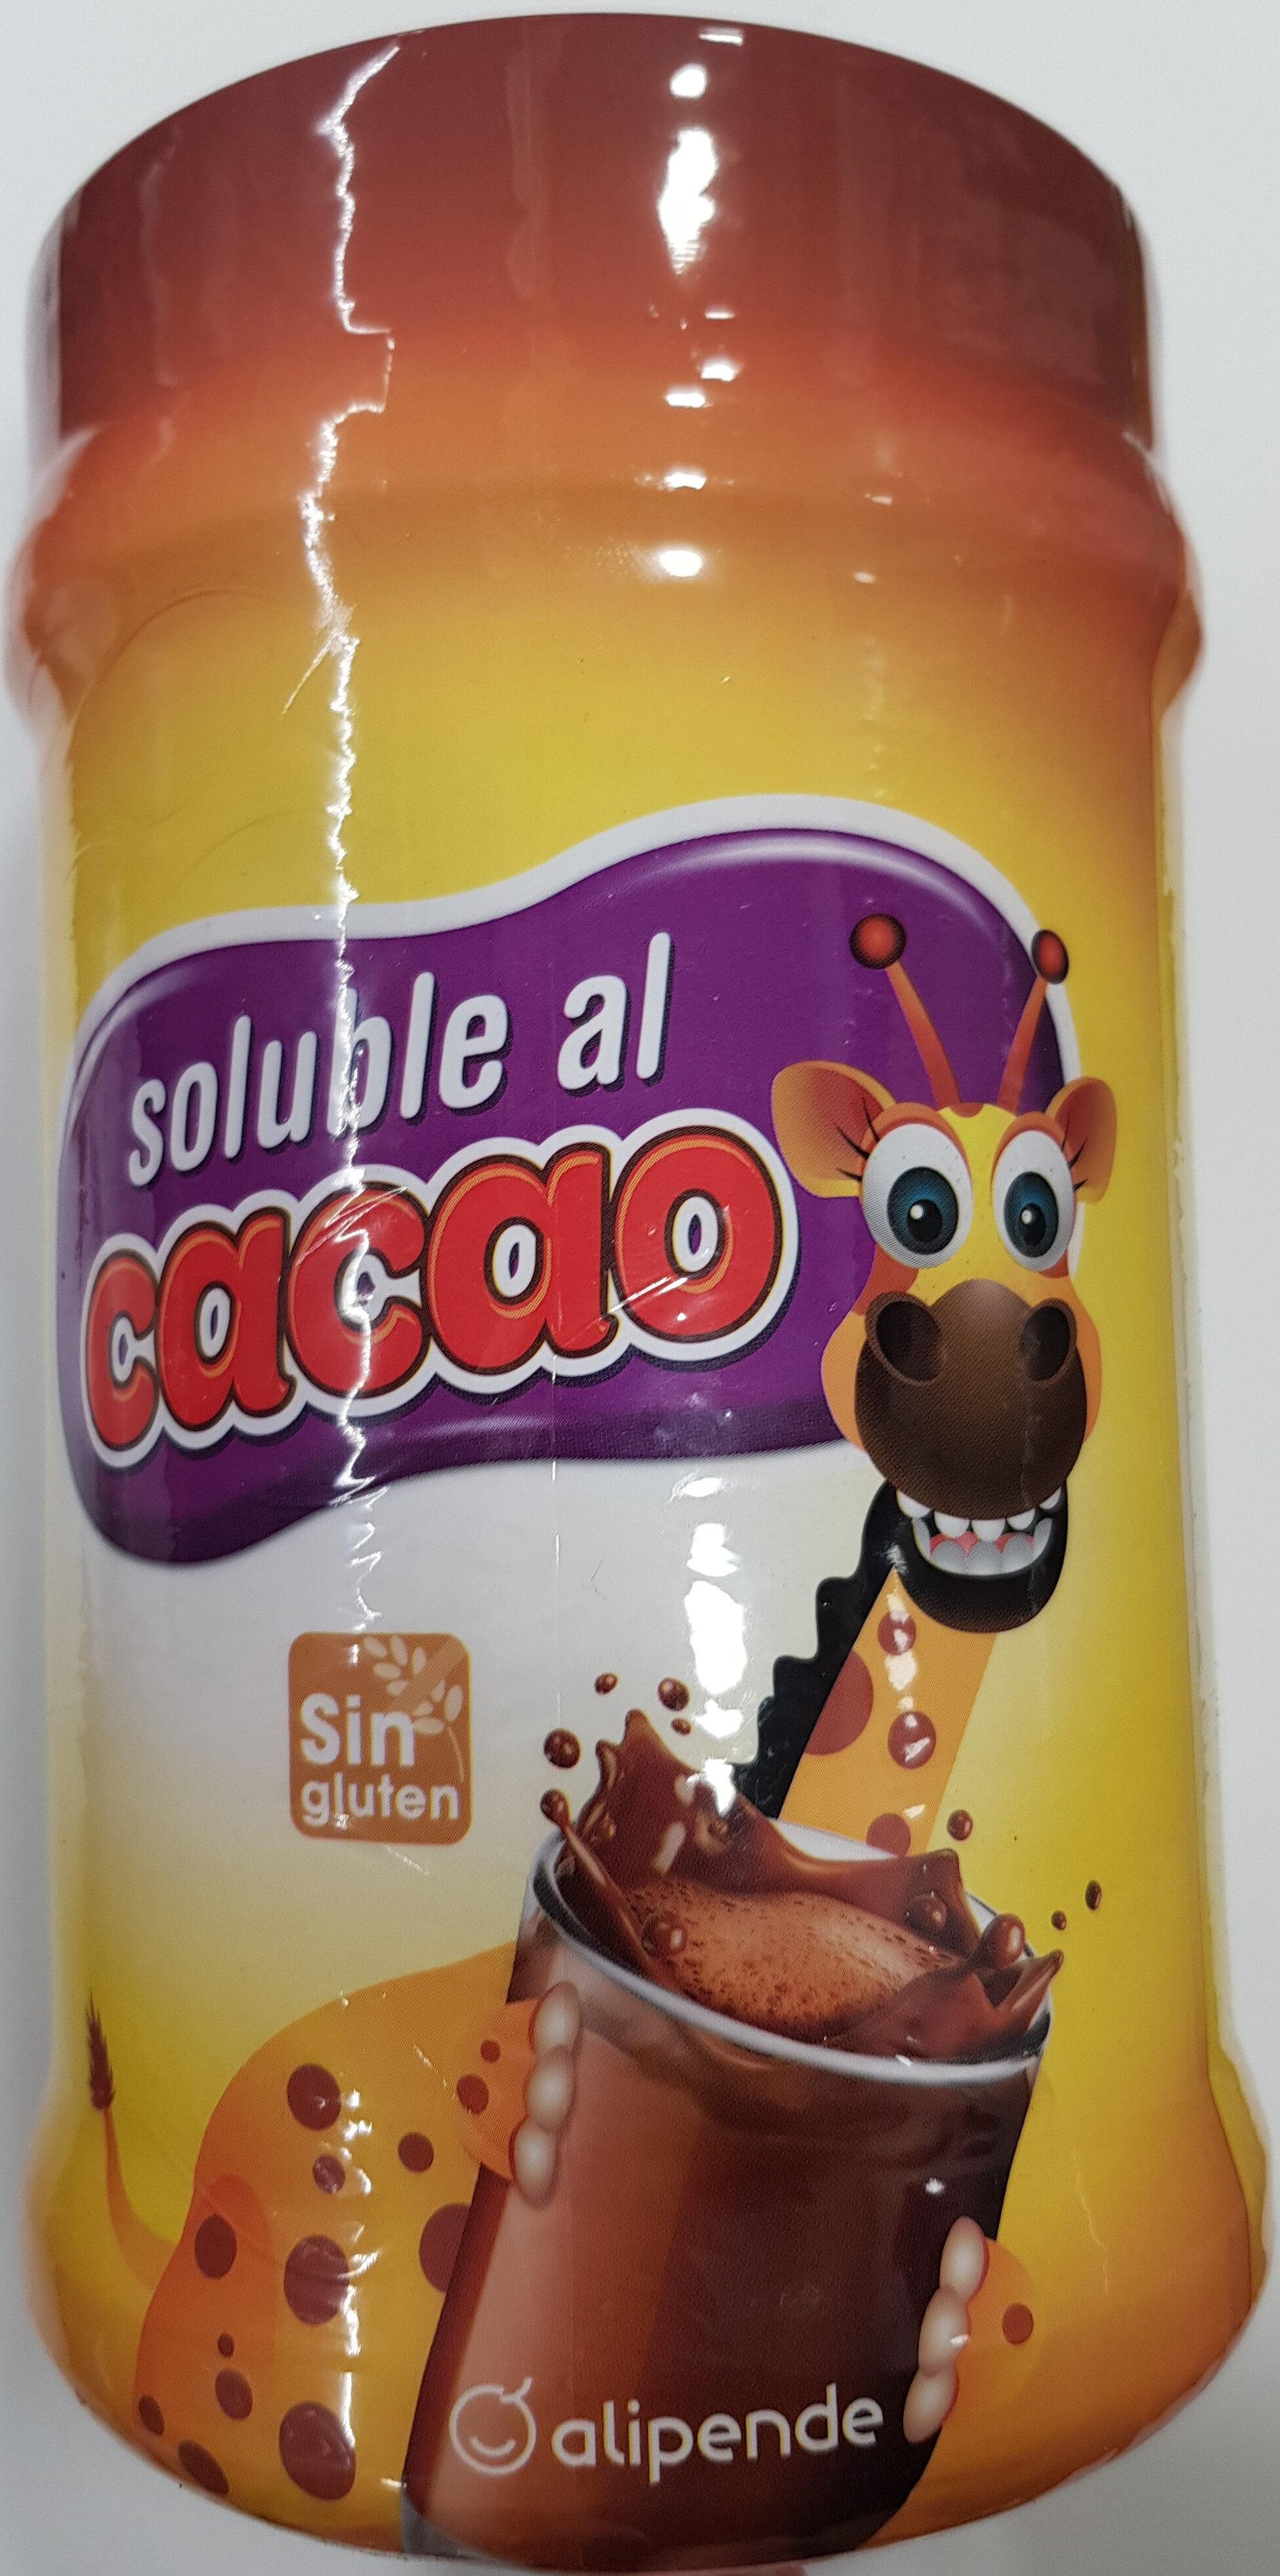 Preparado soluble al cacao - Producto - es